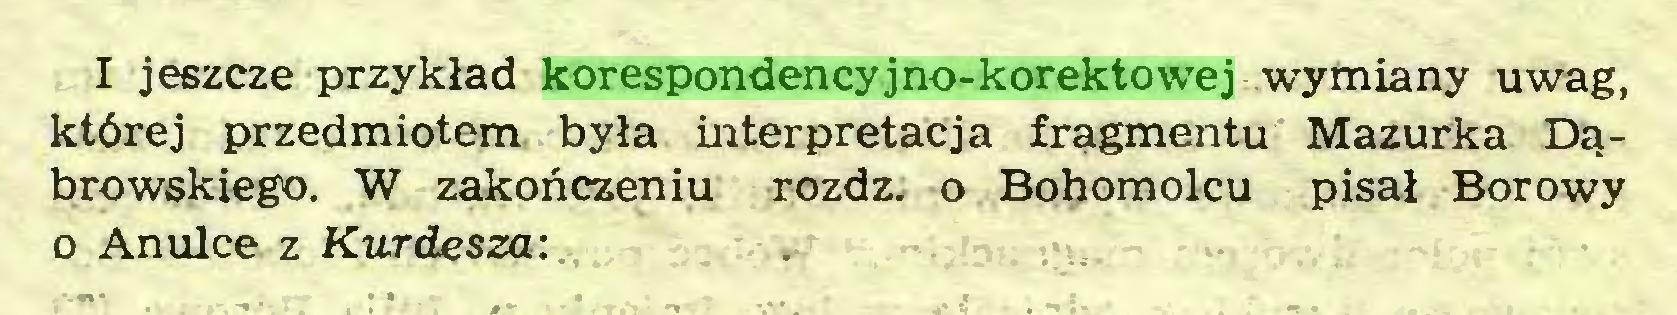 (...) I jeszcze przykład korespondencyjno-korektowej wymiany uwag, której przedmiotem była interpretacja fragmentu Mazurka Dąbrowskiego. W zakończeniu rozdz. o Bohomolcu pisał Borowy o Anulce z Kurdesza:...